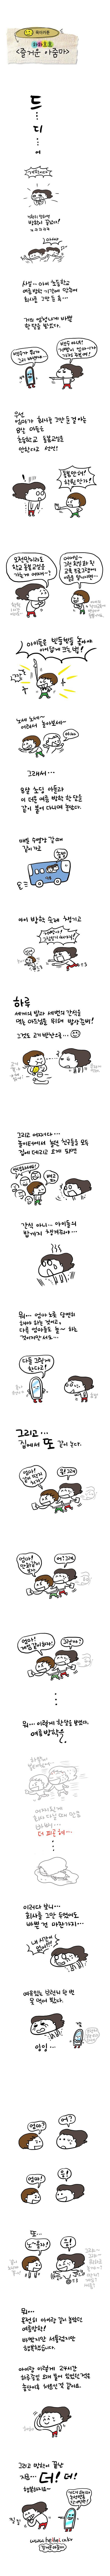 한겨레육아카툰초등학교여름방학개학.jpg